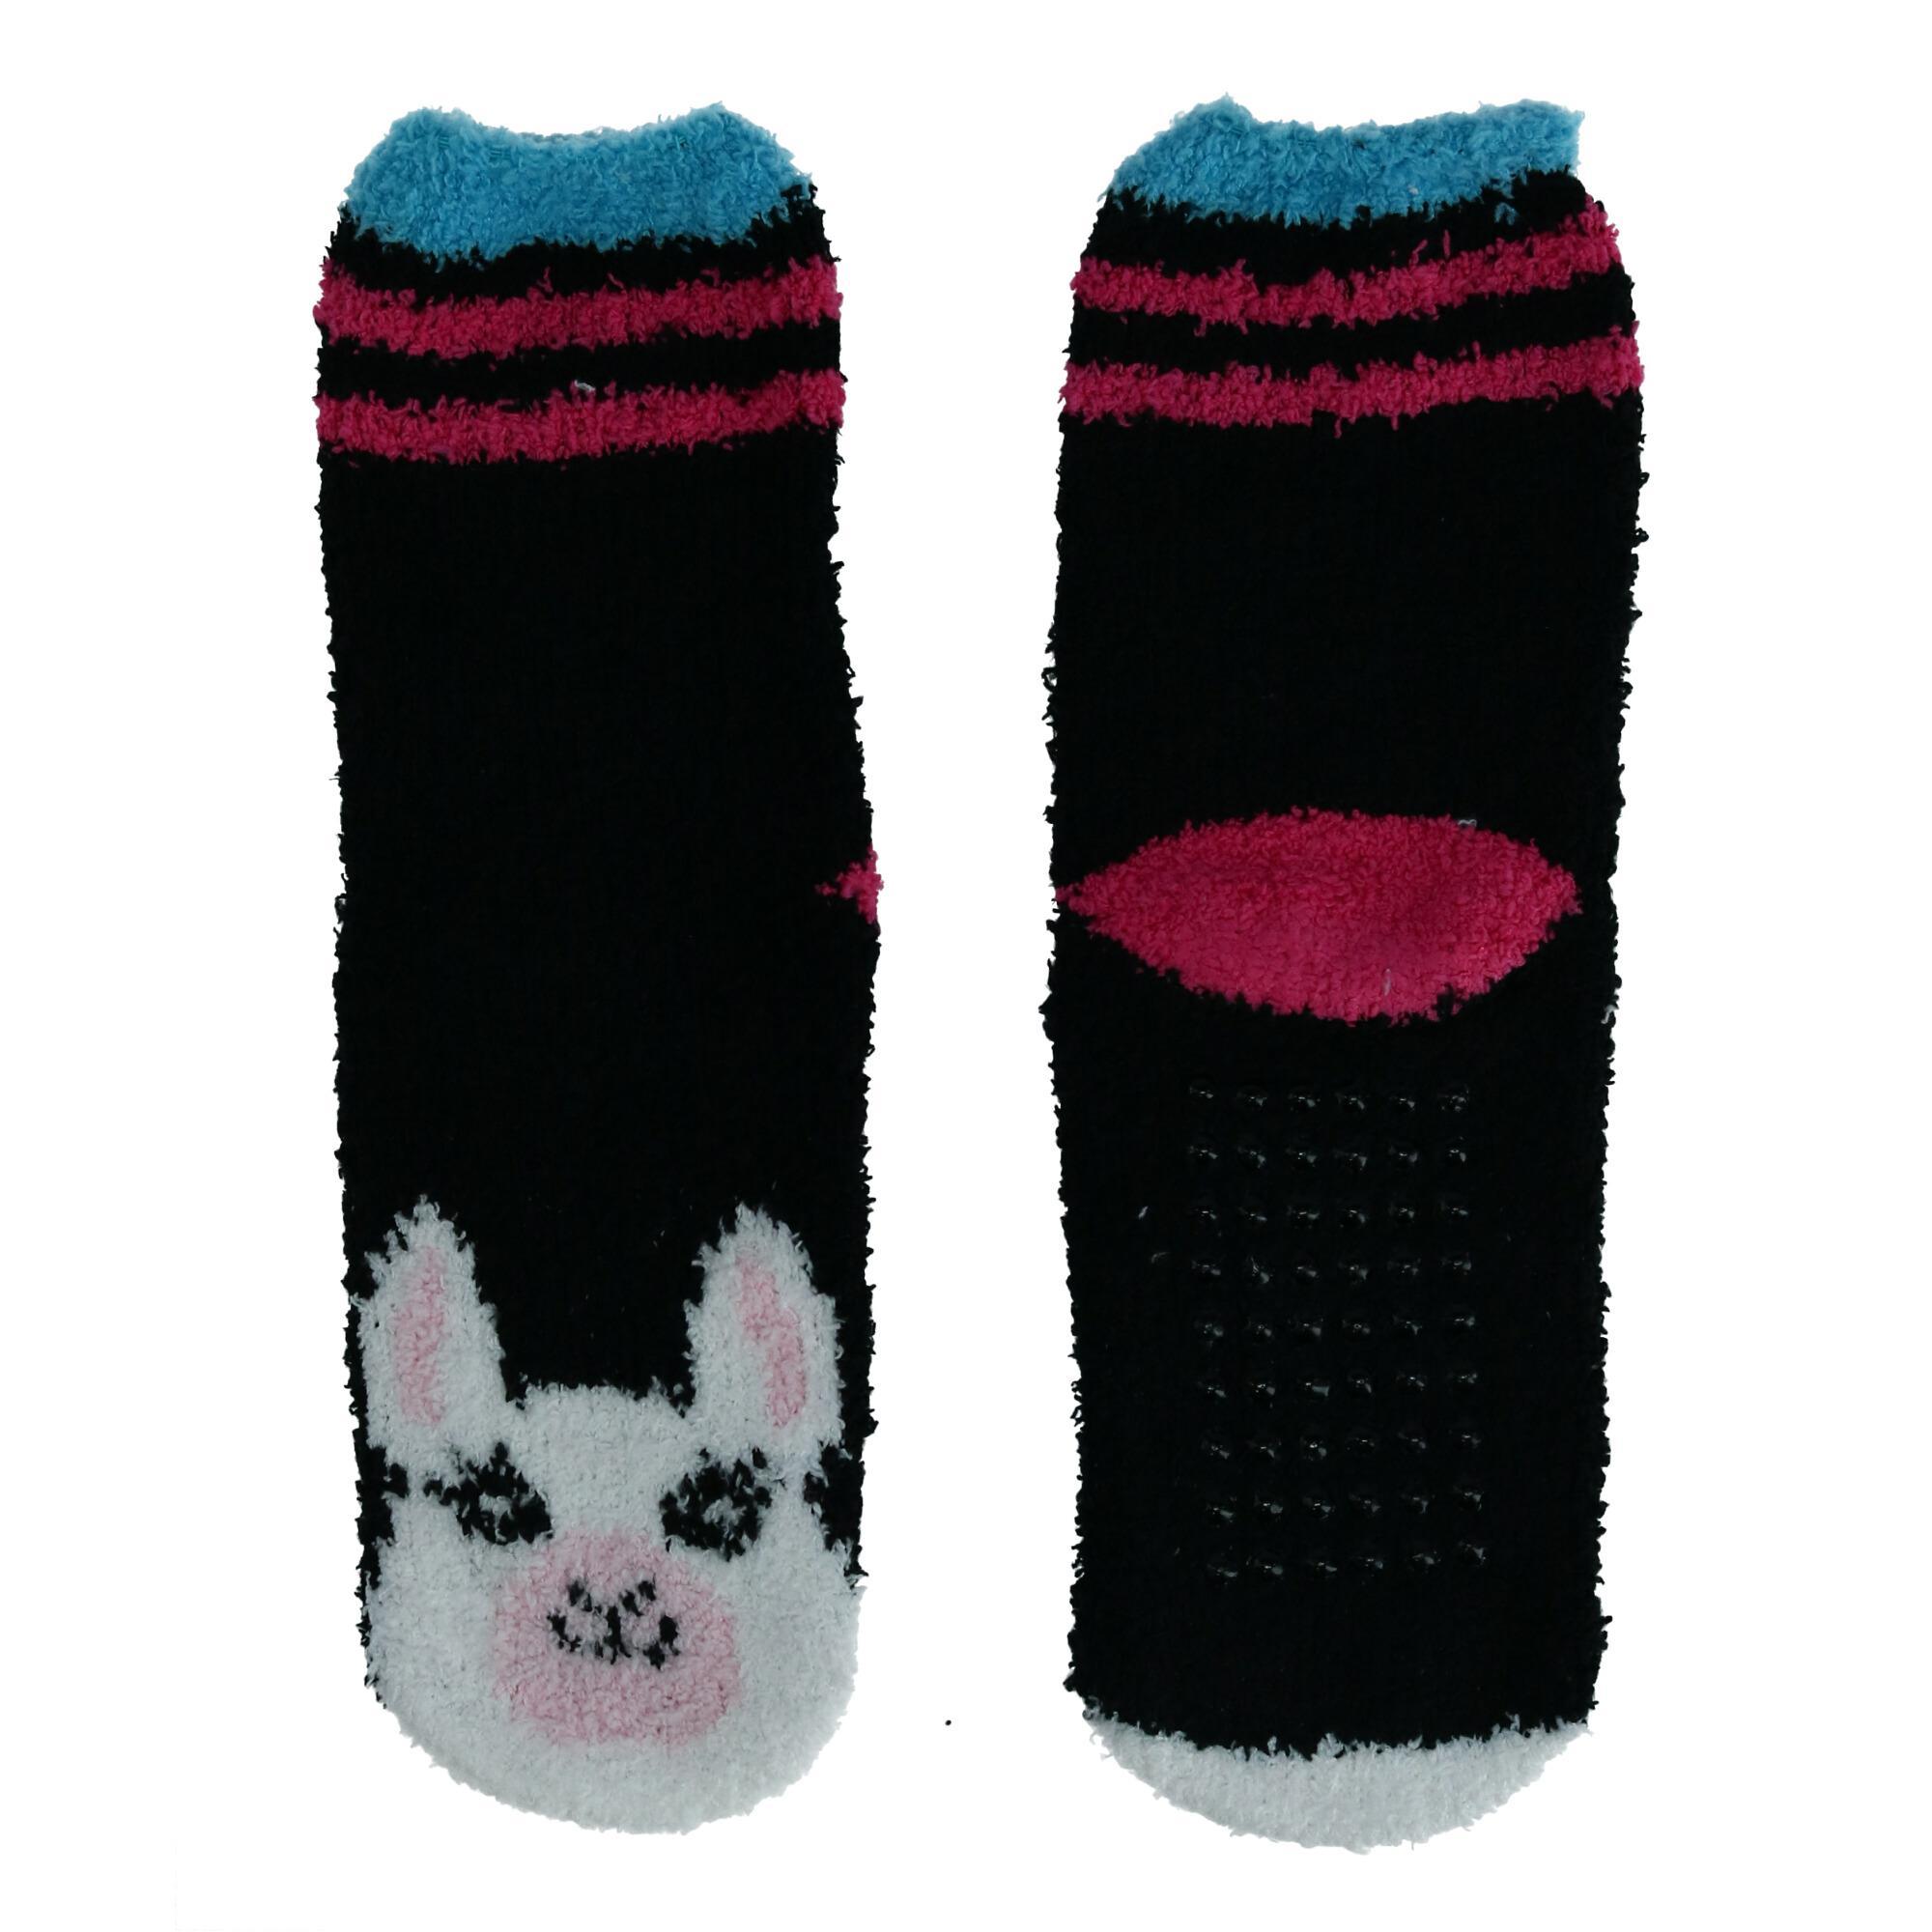 Neu Rene Rofe Mädchen Neuheit Microfleece Jogger Pyjama Set mit Gratis Socken